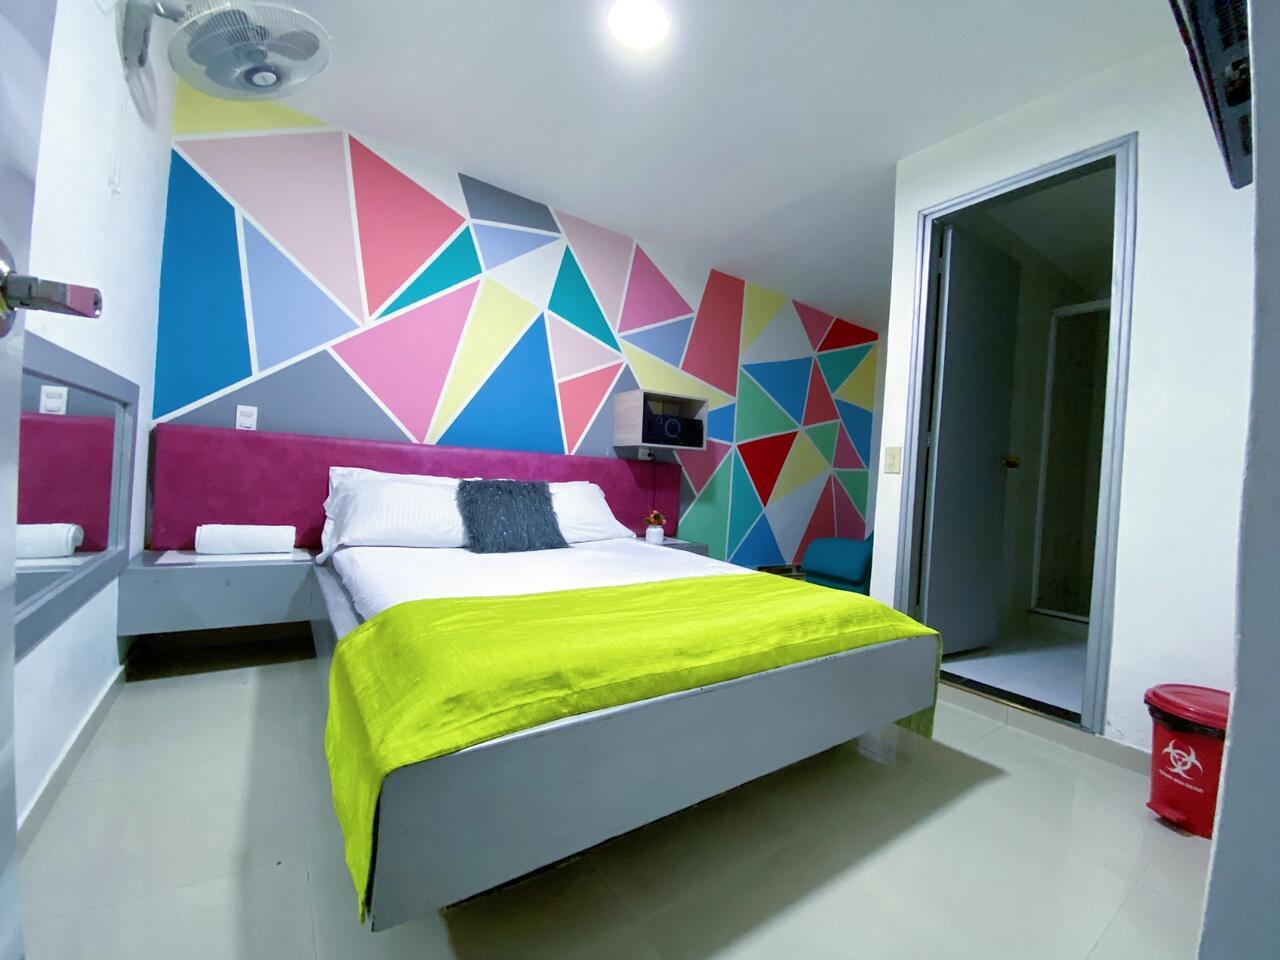 Lé Couple Suite en Centro - La Candelaria : MotelNow